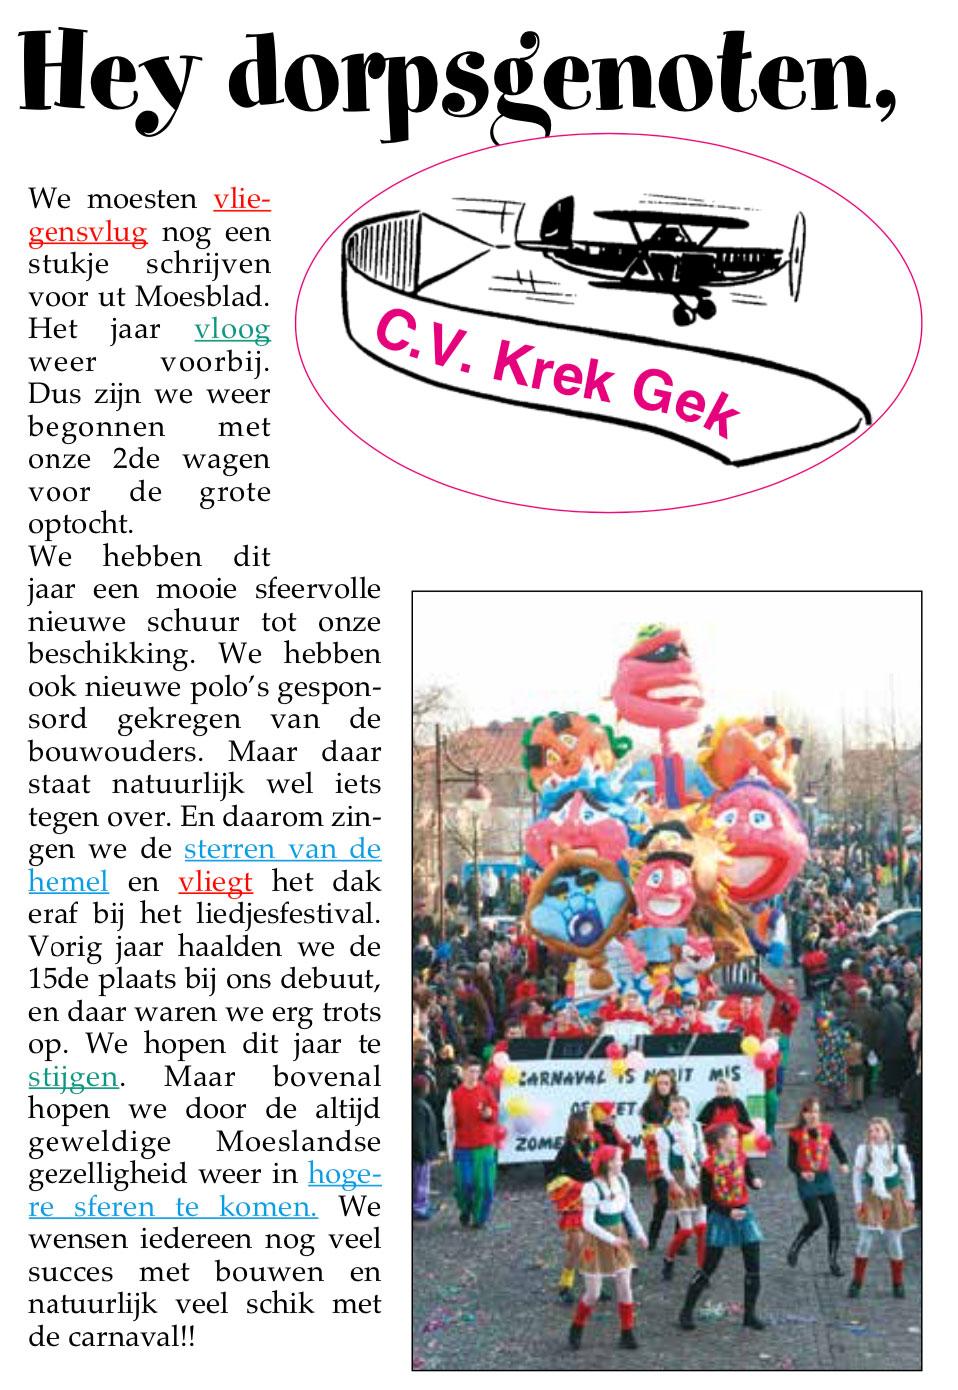 Stukje uit de carnavalskrant van Krek Gek - 2006